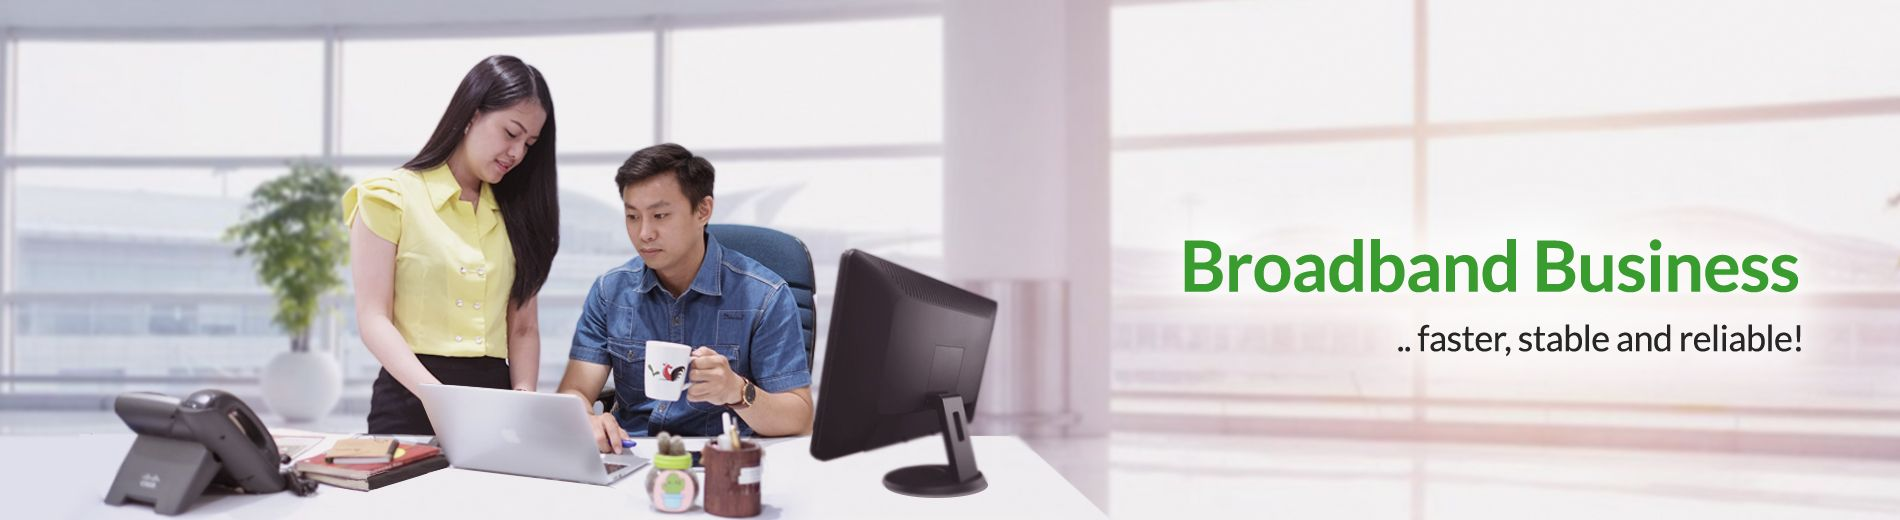 broadband2-compressor